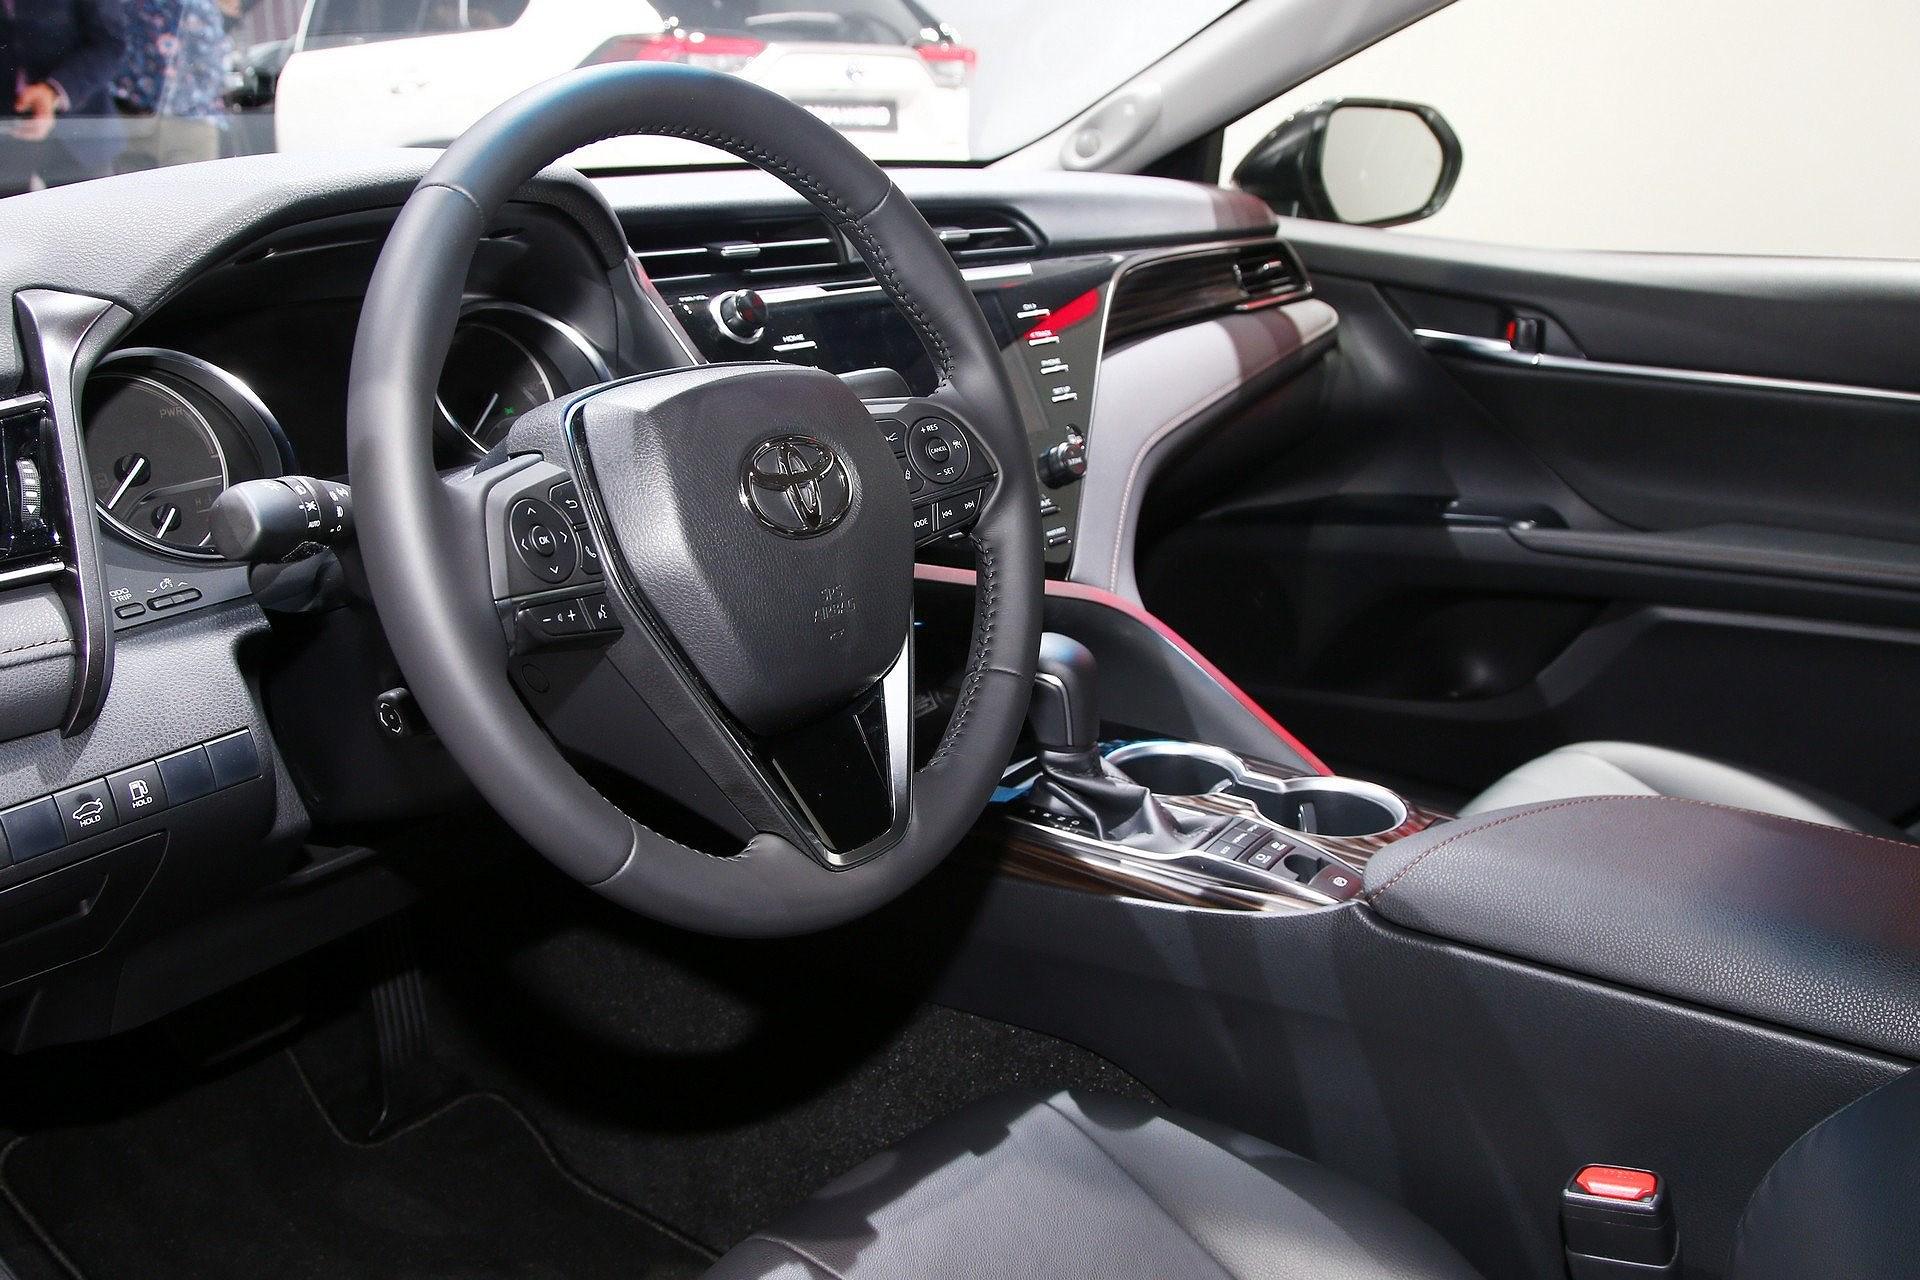 Toyota Camry Hybrid trở lại châu Âu sau 14 năm vắng bóng Ảnh 6